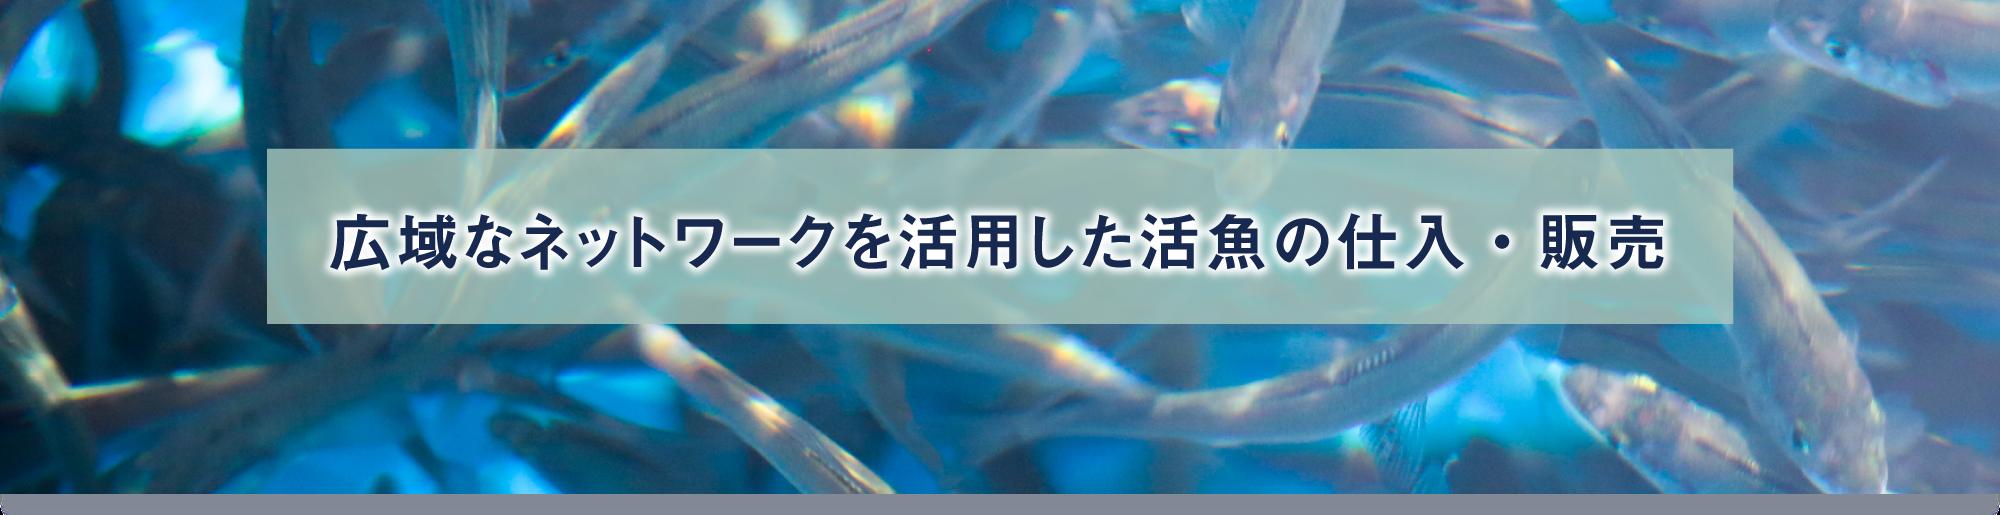 広域なネットワークを活用した活魚の仕入・販売